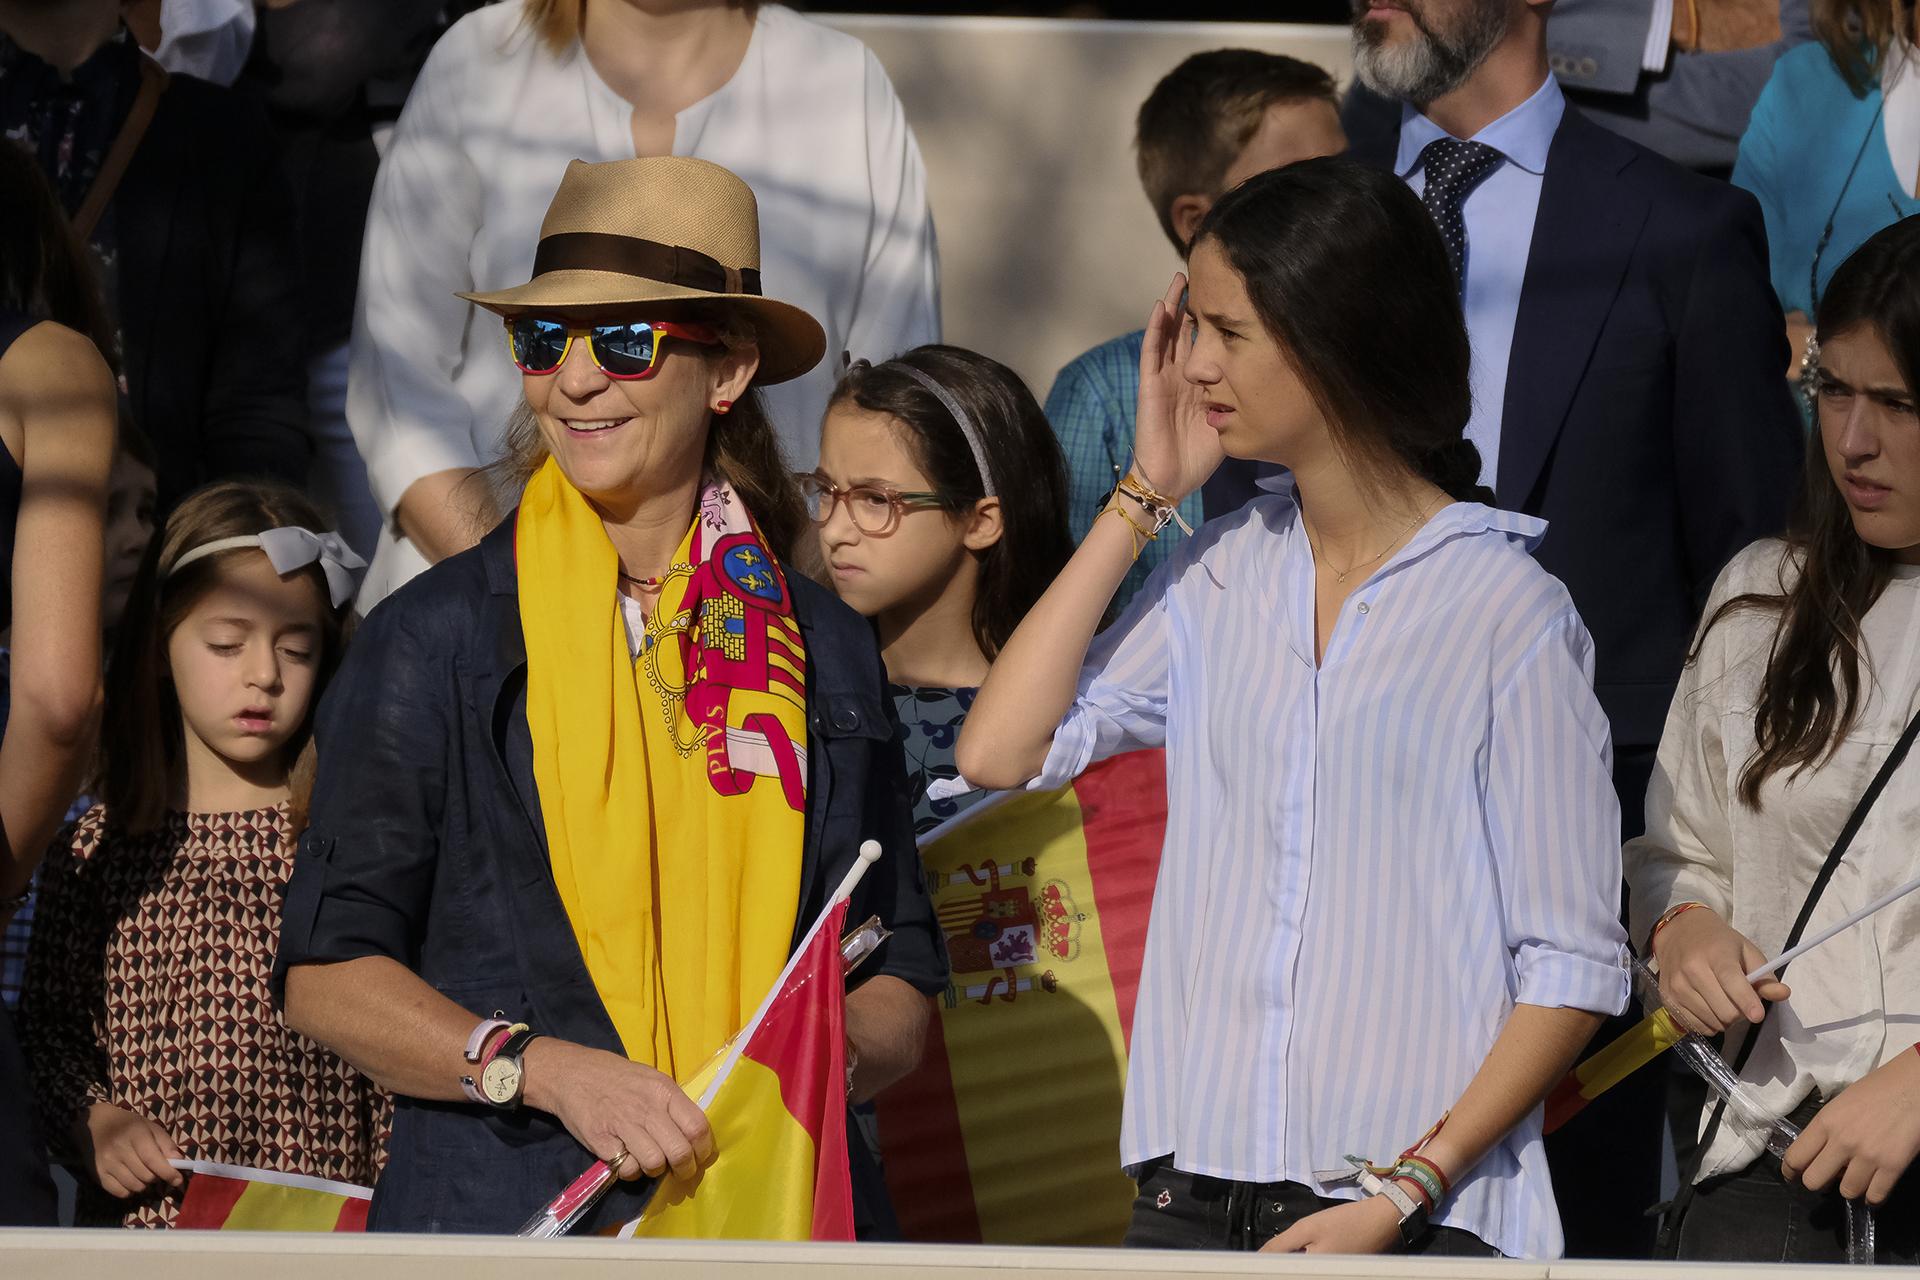 Con un estilo más informal, luciendo un sombrero, una bandera como chalina y otra en su mano, la Infanta Elena festejó junto a su hija Victoria Federica de Marichalar y Borbón